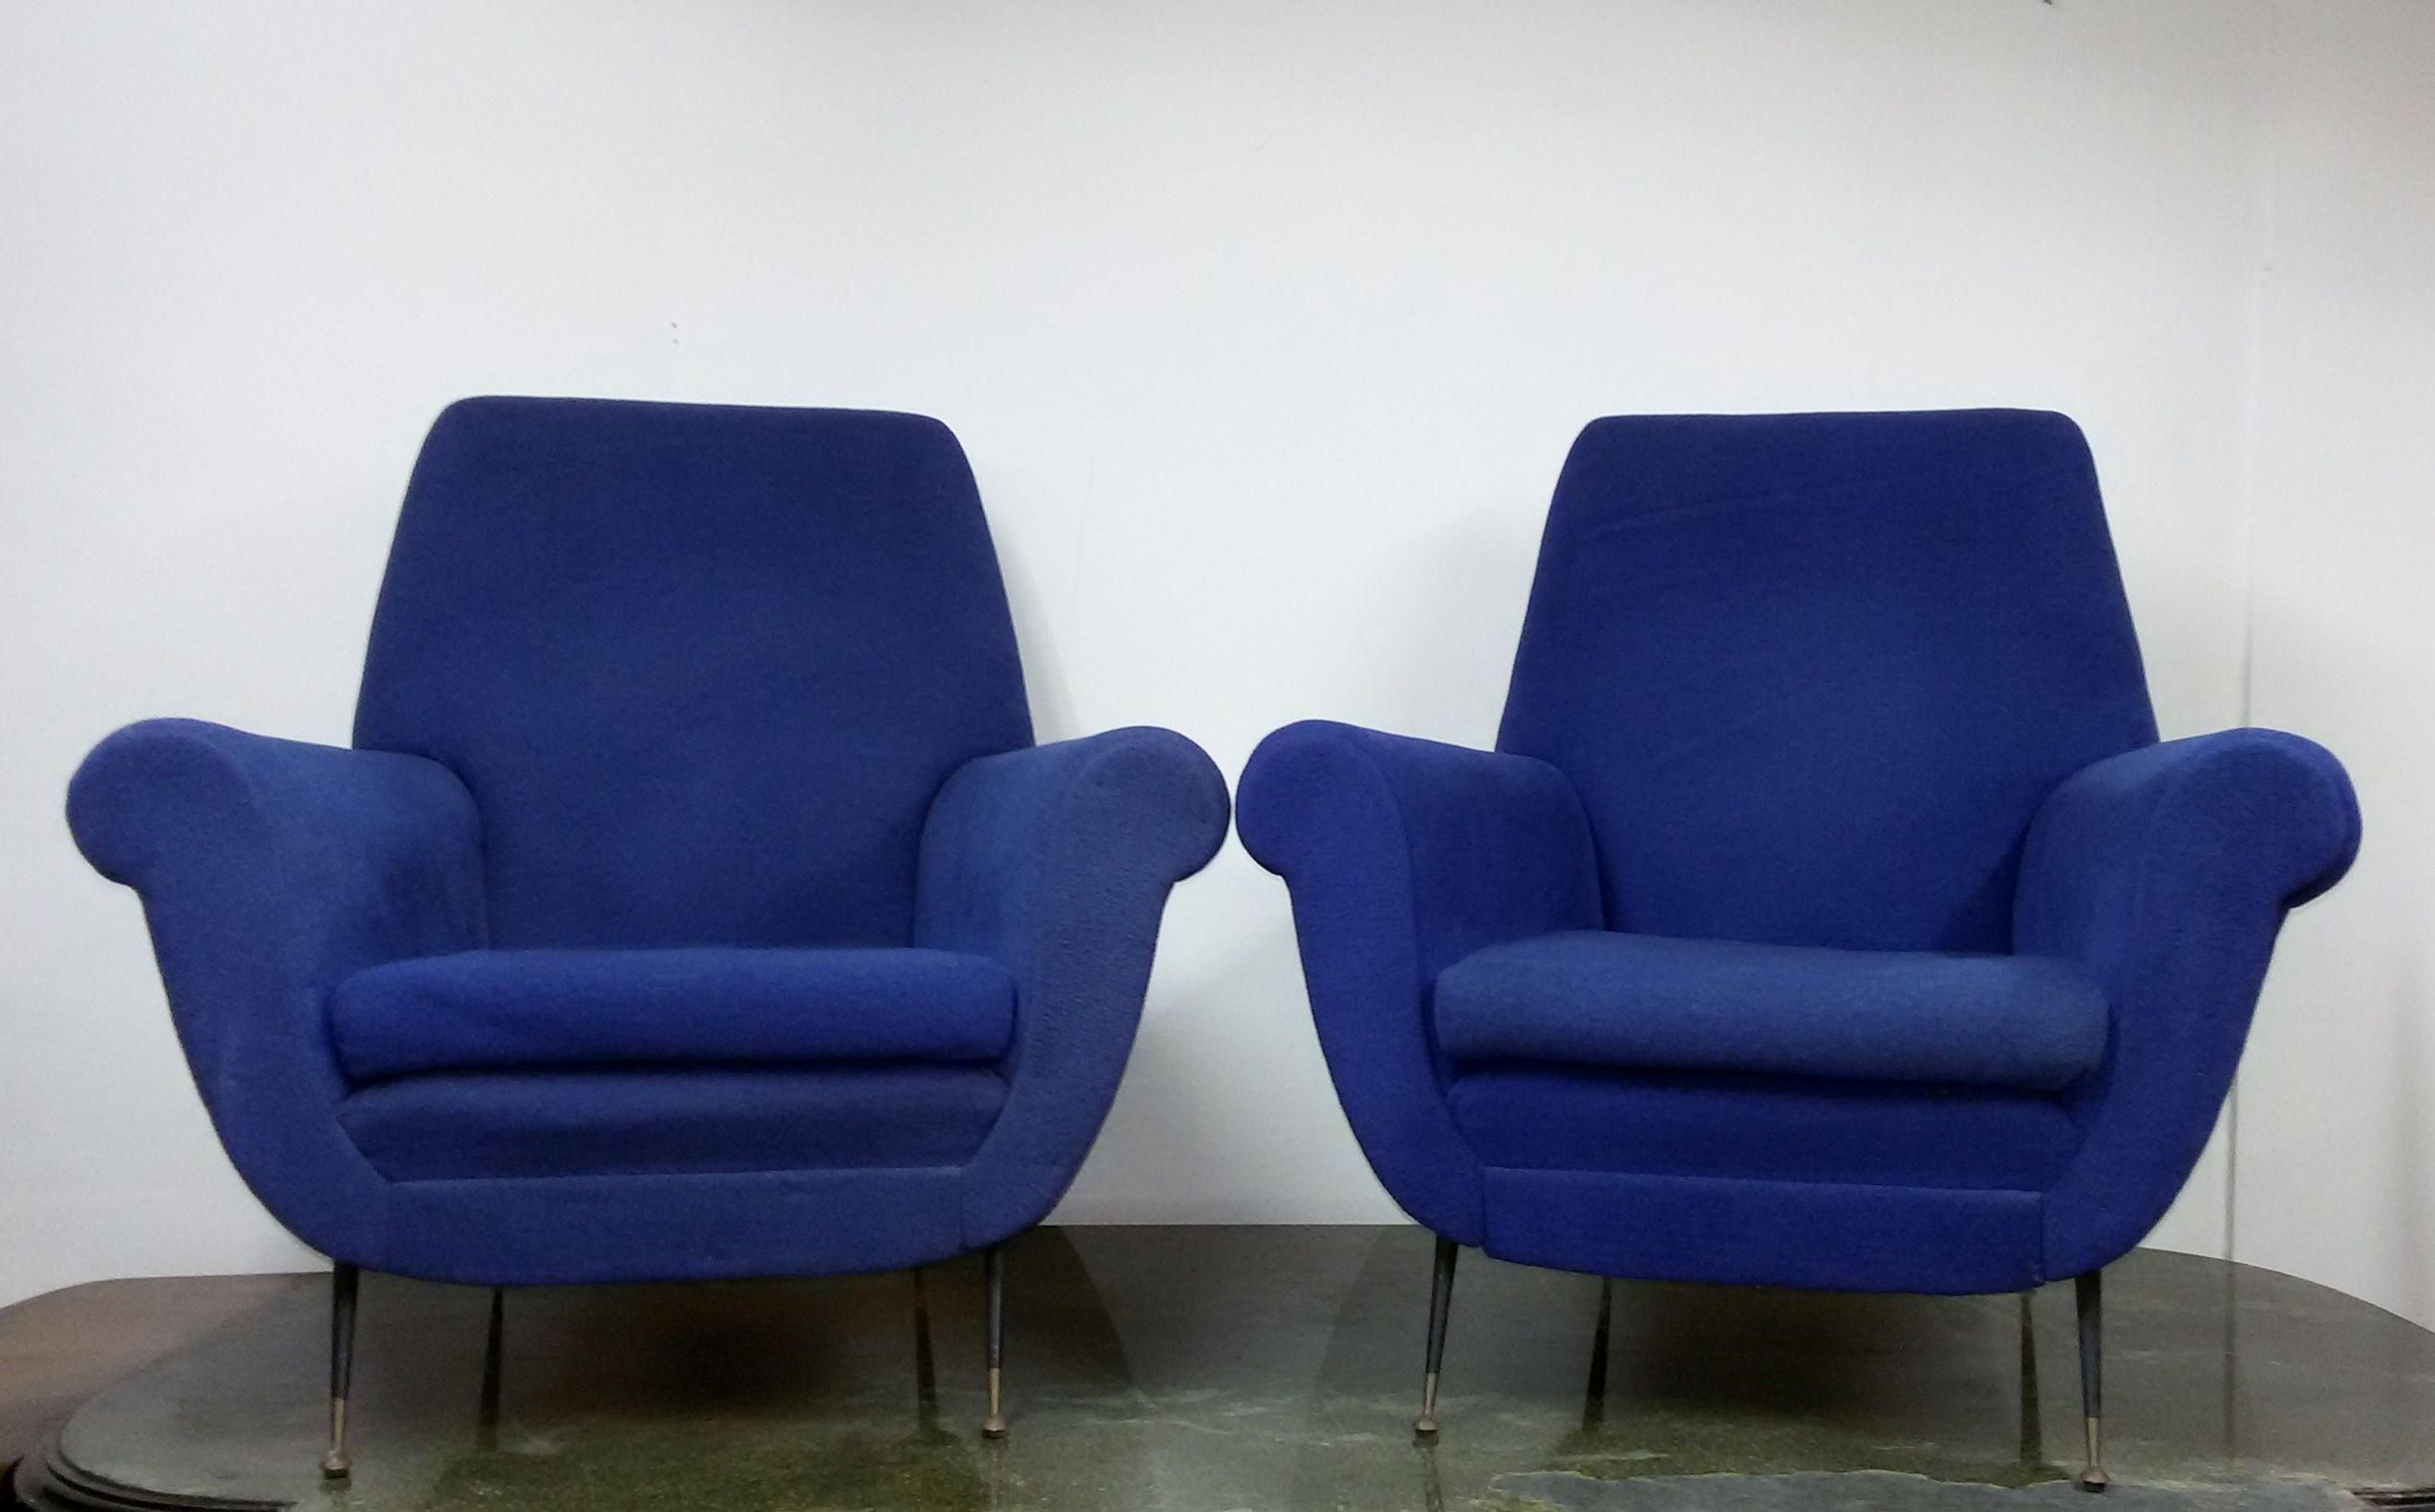 poltrona Chair armchairs design Marco Zanuso anni 50 60 sky pitonato vintage Mobili design 900